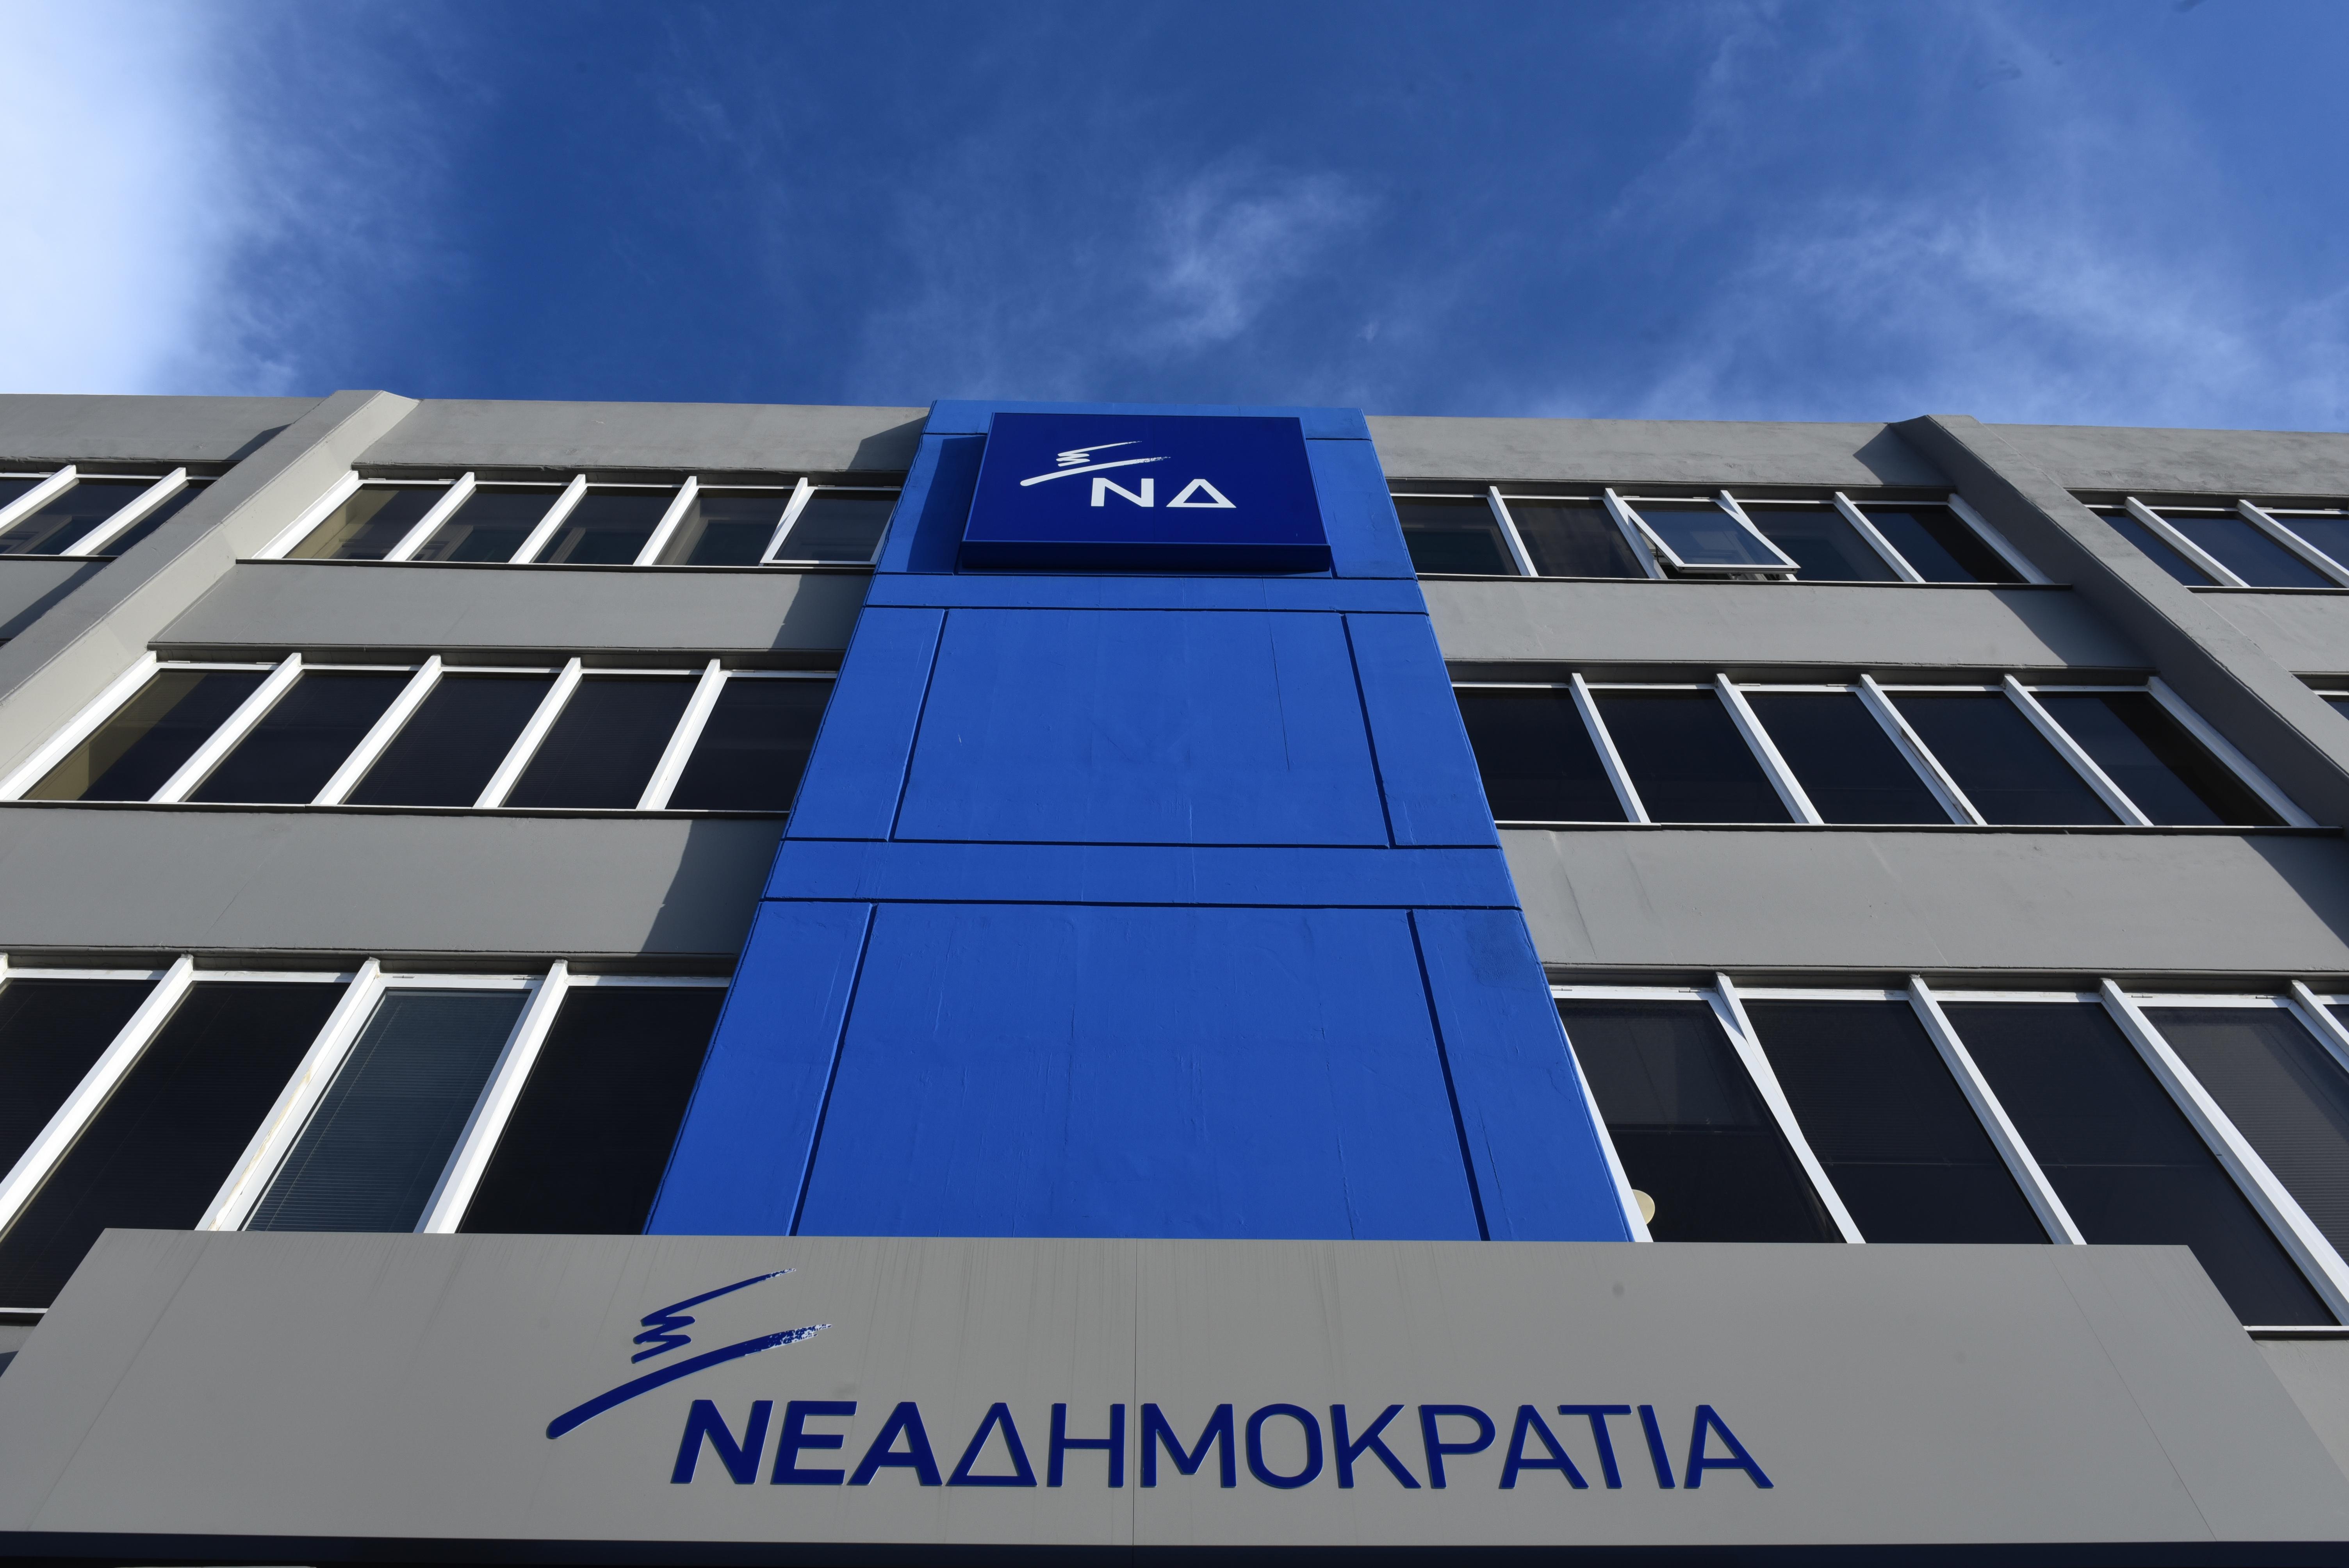 ΝΔ:  Ας συνειδητοποιήσει ο κ. Τσίπρας ότι η συμφωνία είναι επιζήμια για την χώρα | tovima.gr